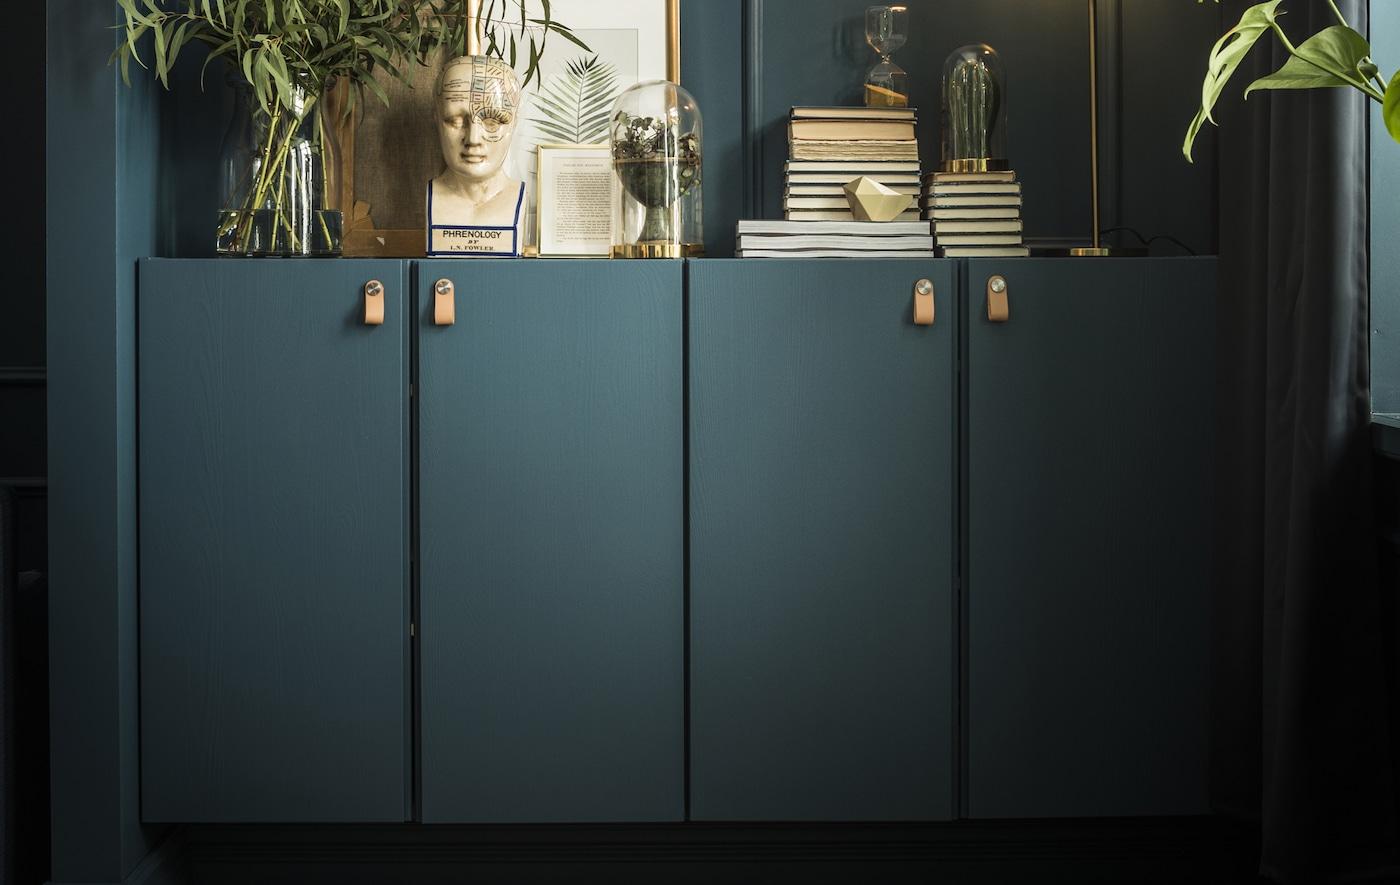 2 IVAR Schränke, in einem dunklen Grau-Grün genauso wie die Wand, darauf Bücher, Kunstwerke, Pflanzen